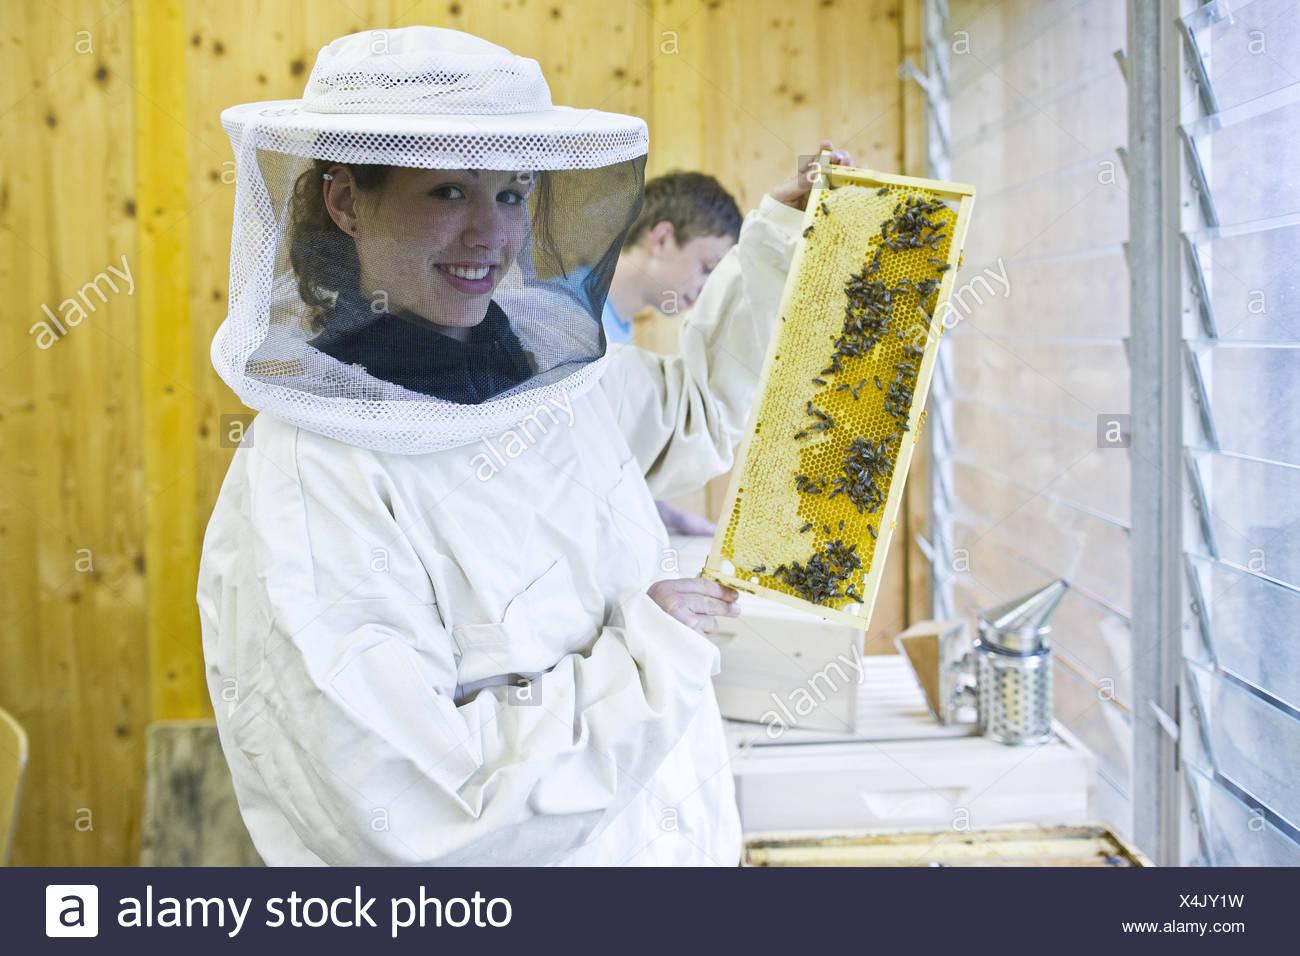 Apicoltore, honeycomb, abbigliamento protettivo, Immagini Stock